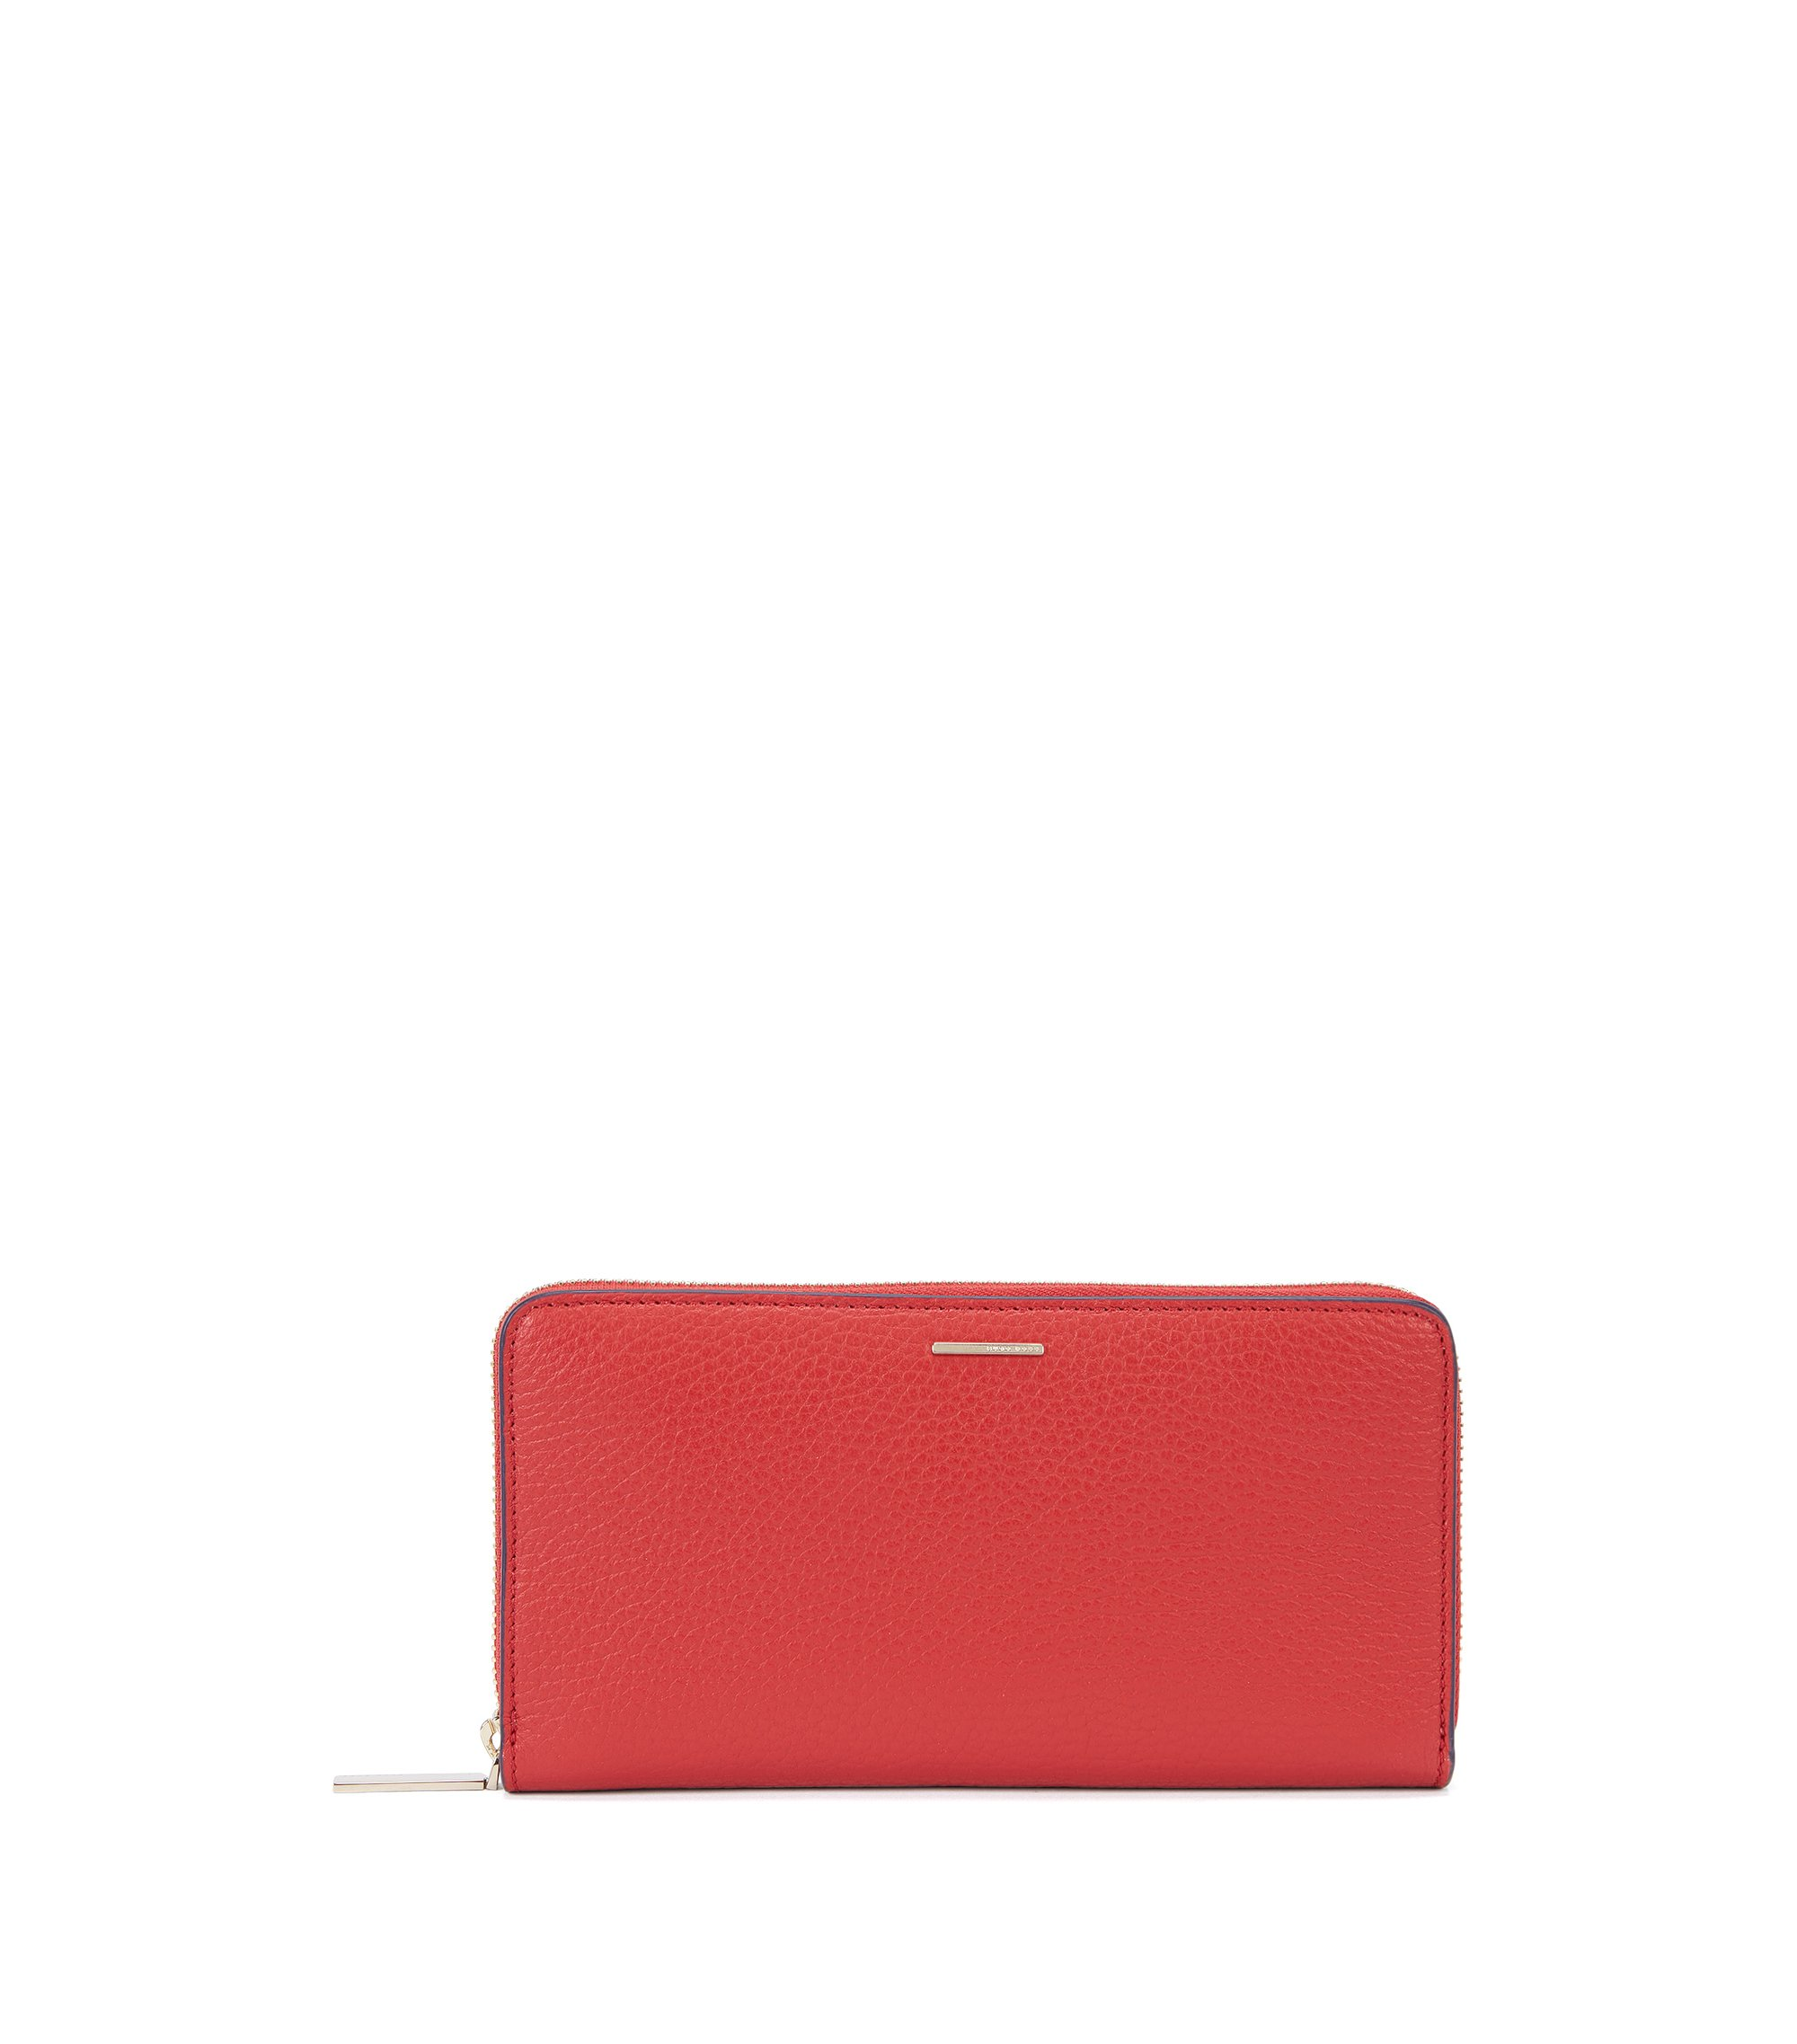 Portafoglio in pelle martellata della collezione BOSS Luxury Staple, Rosso